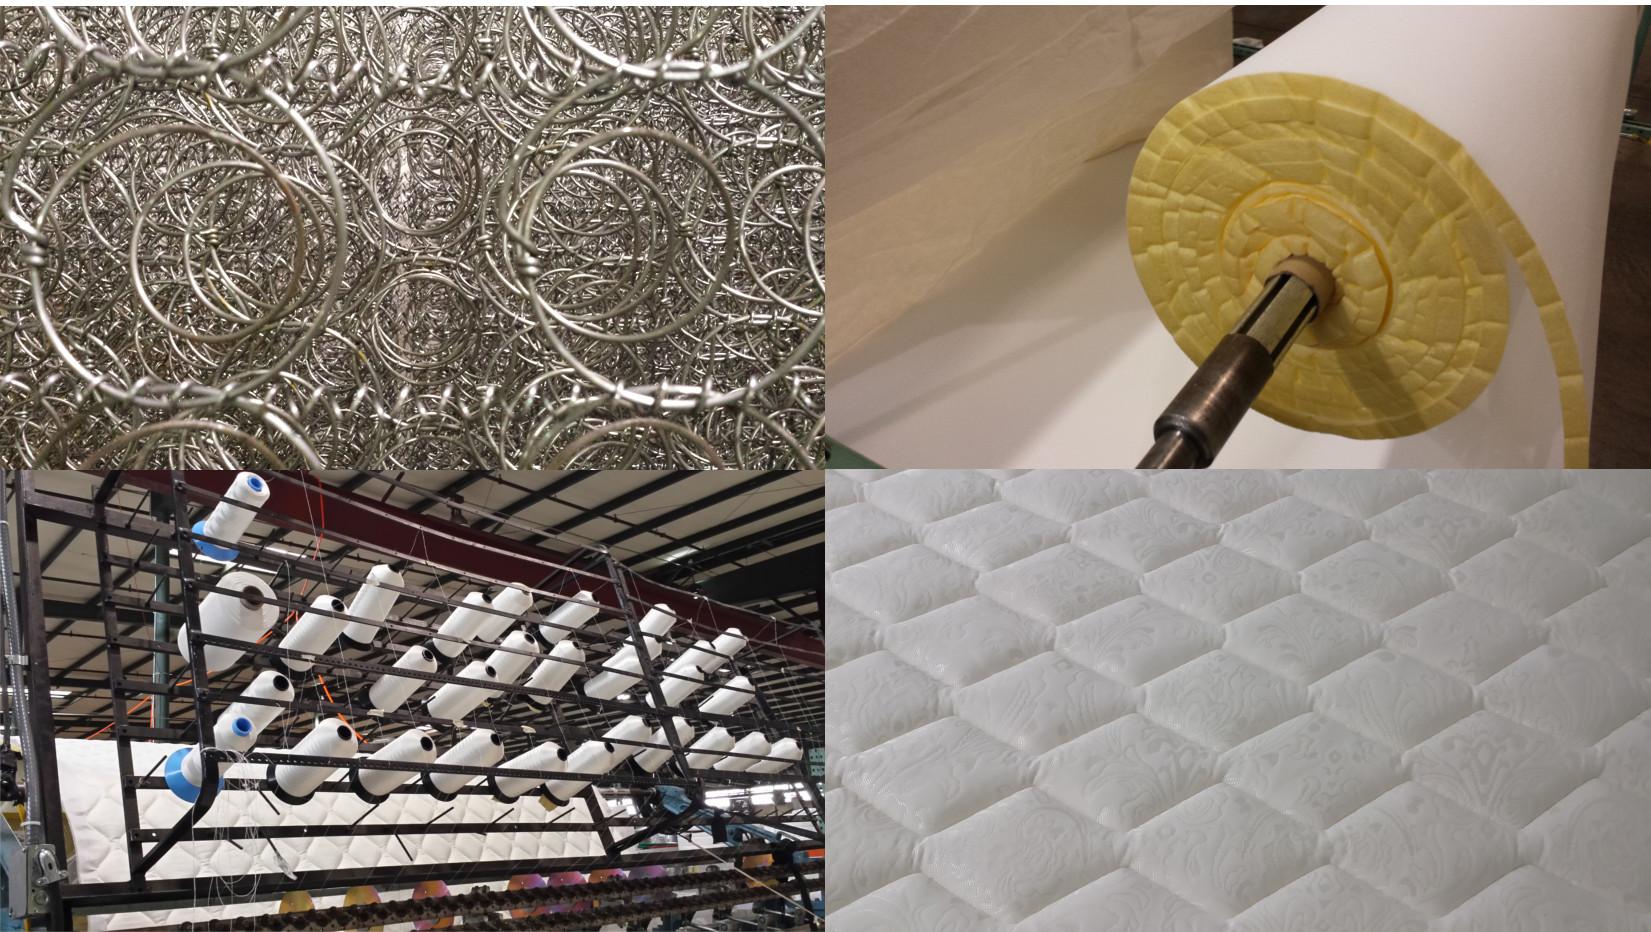 simon-bedding-collage.jpg